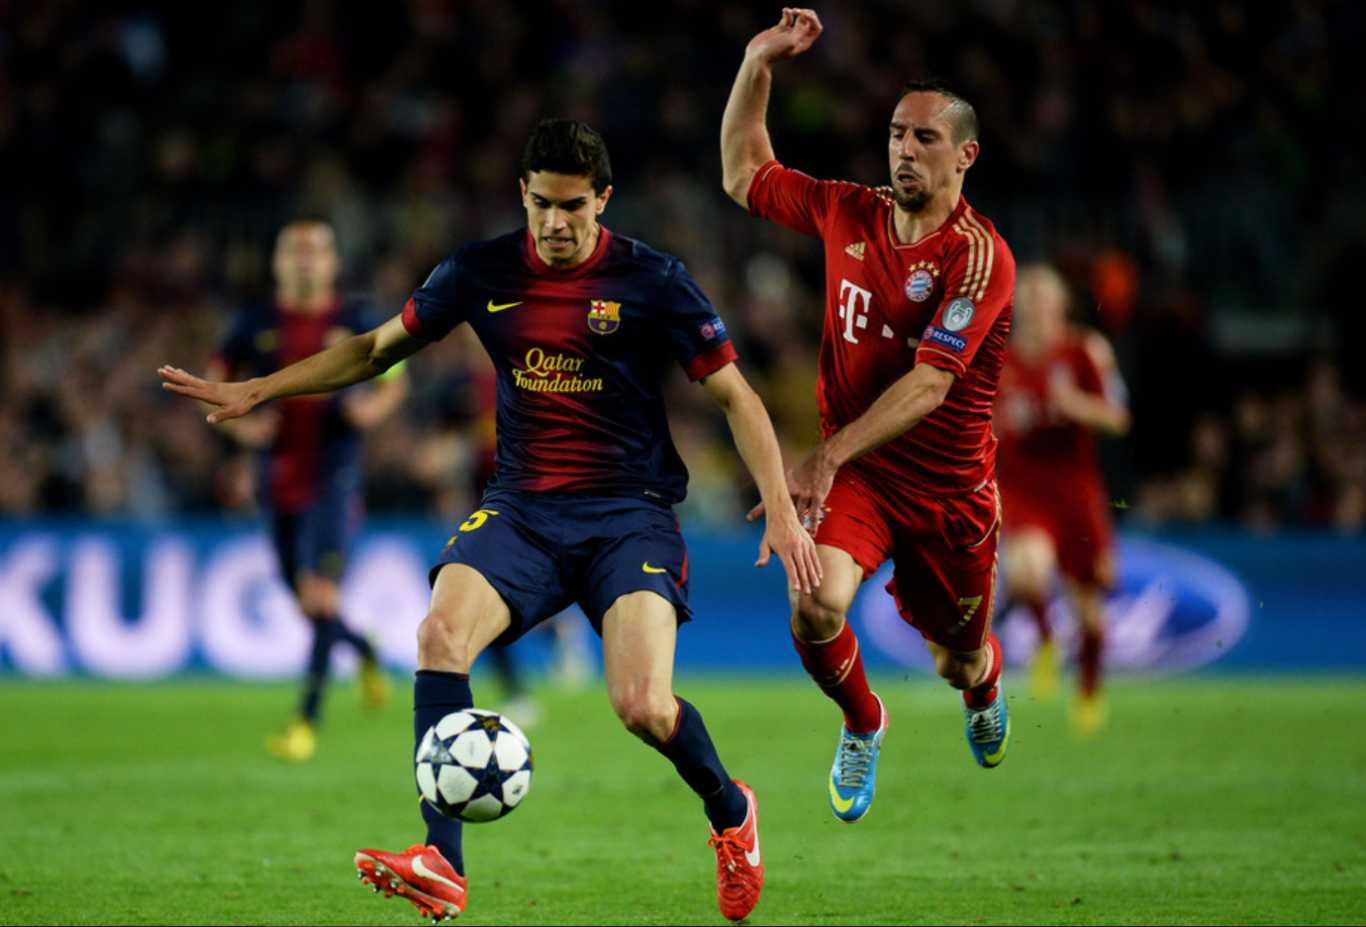 Pronosticos de futbol para hoy de casas de apuestas populares